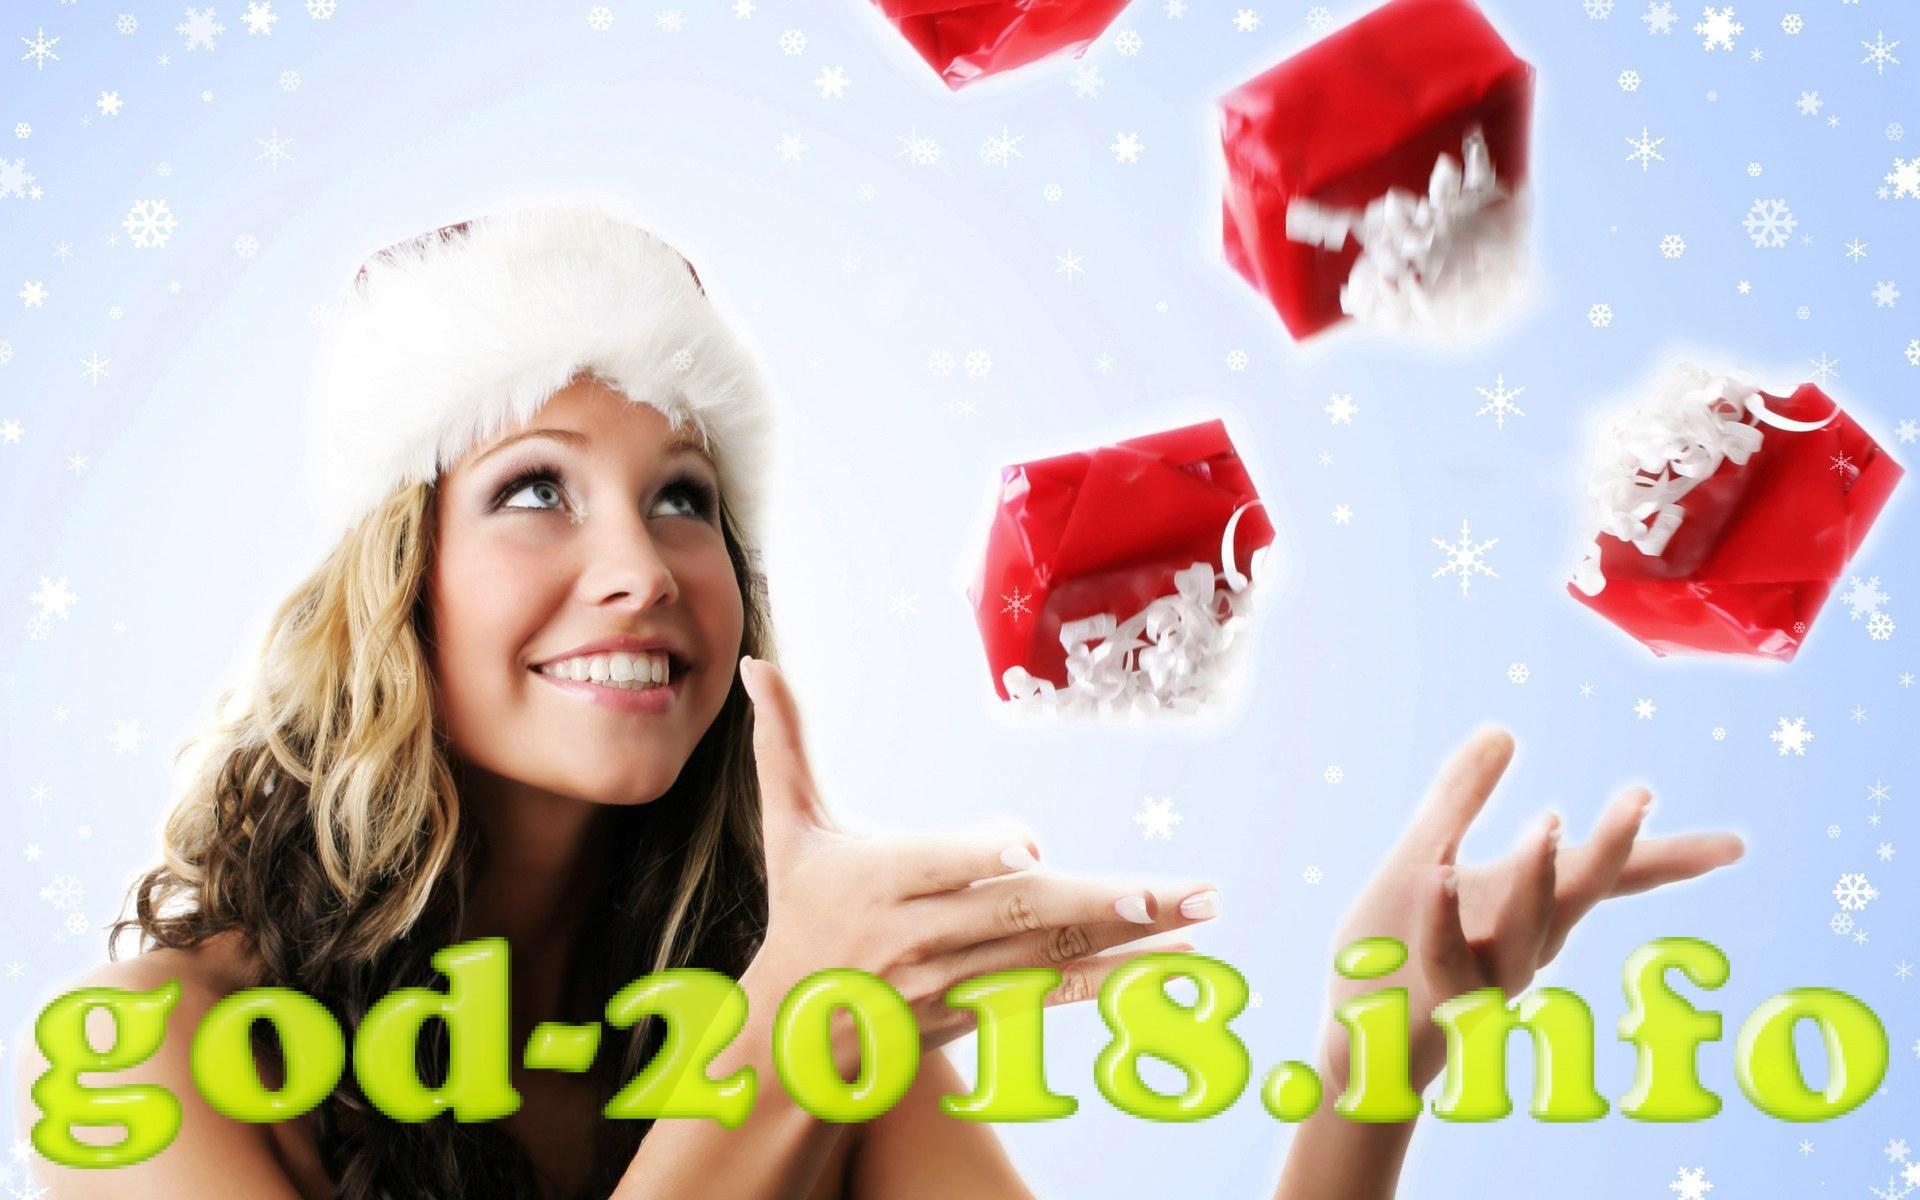 interesnye-pozdravlenija-s-novym-godom-2018-dlja-devushki-7